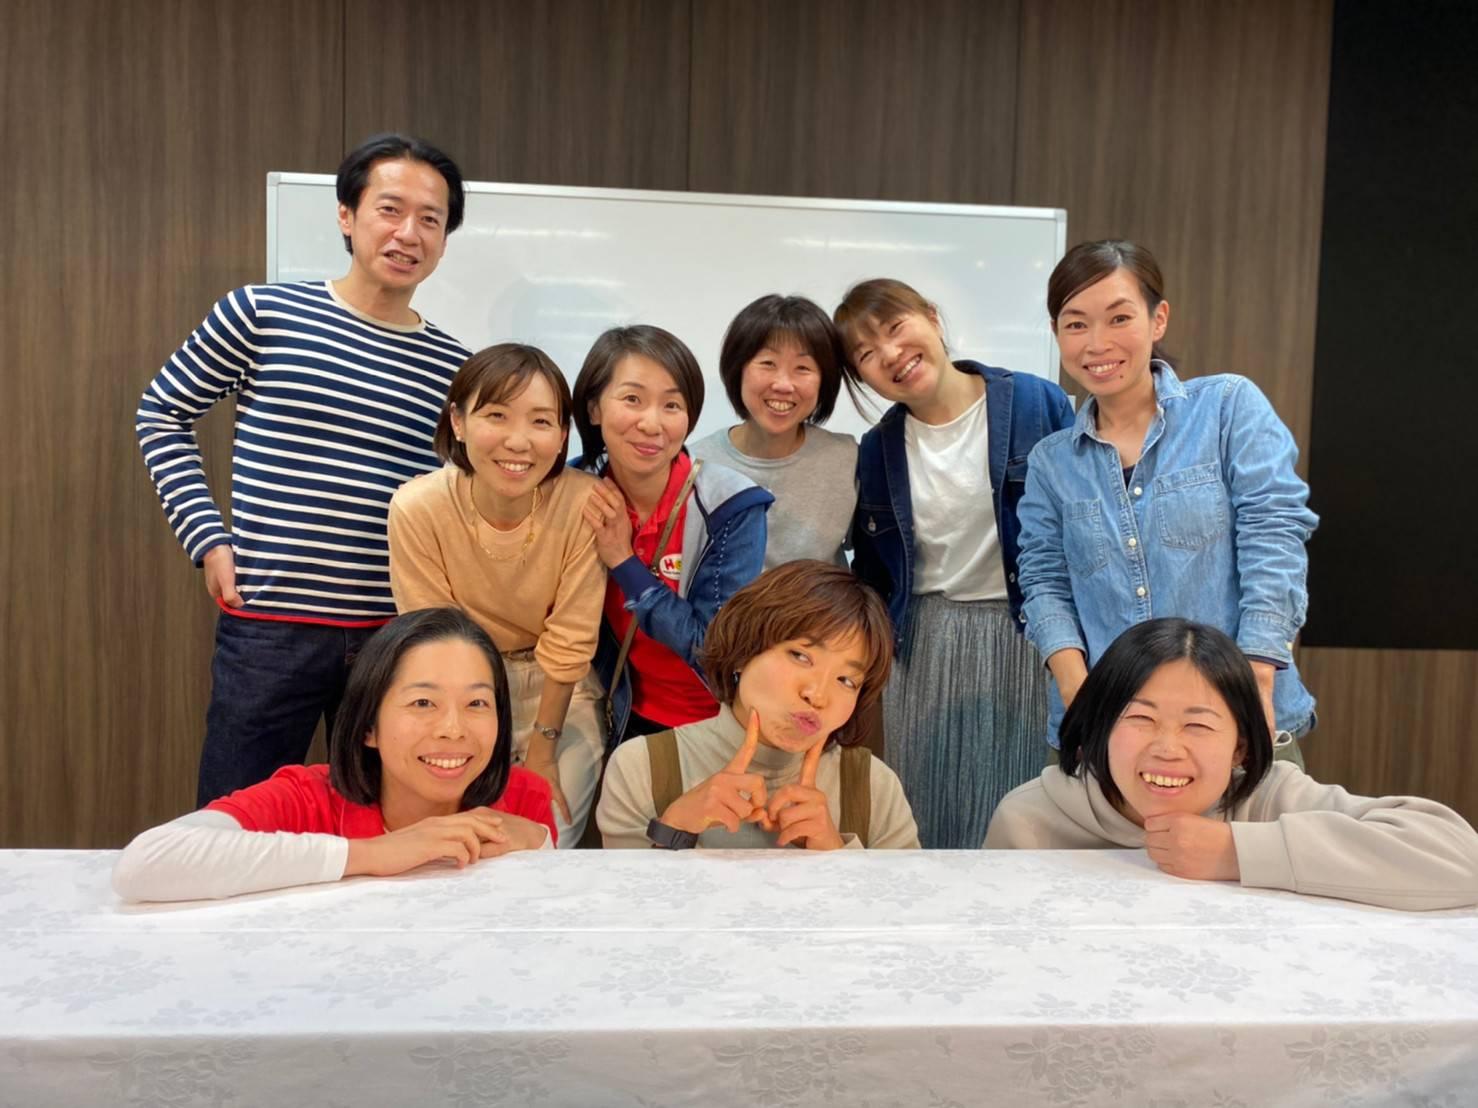 2021年4月 『1年目のまとめ:愛着心』Dグループ感想